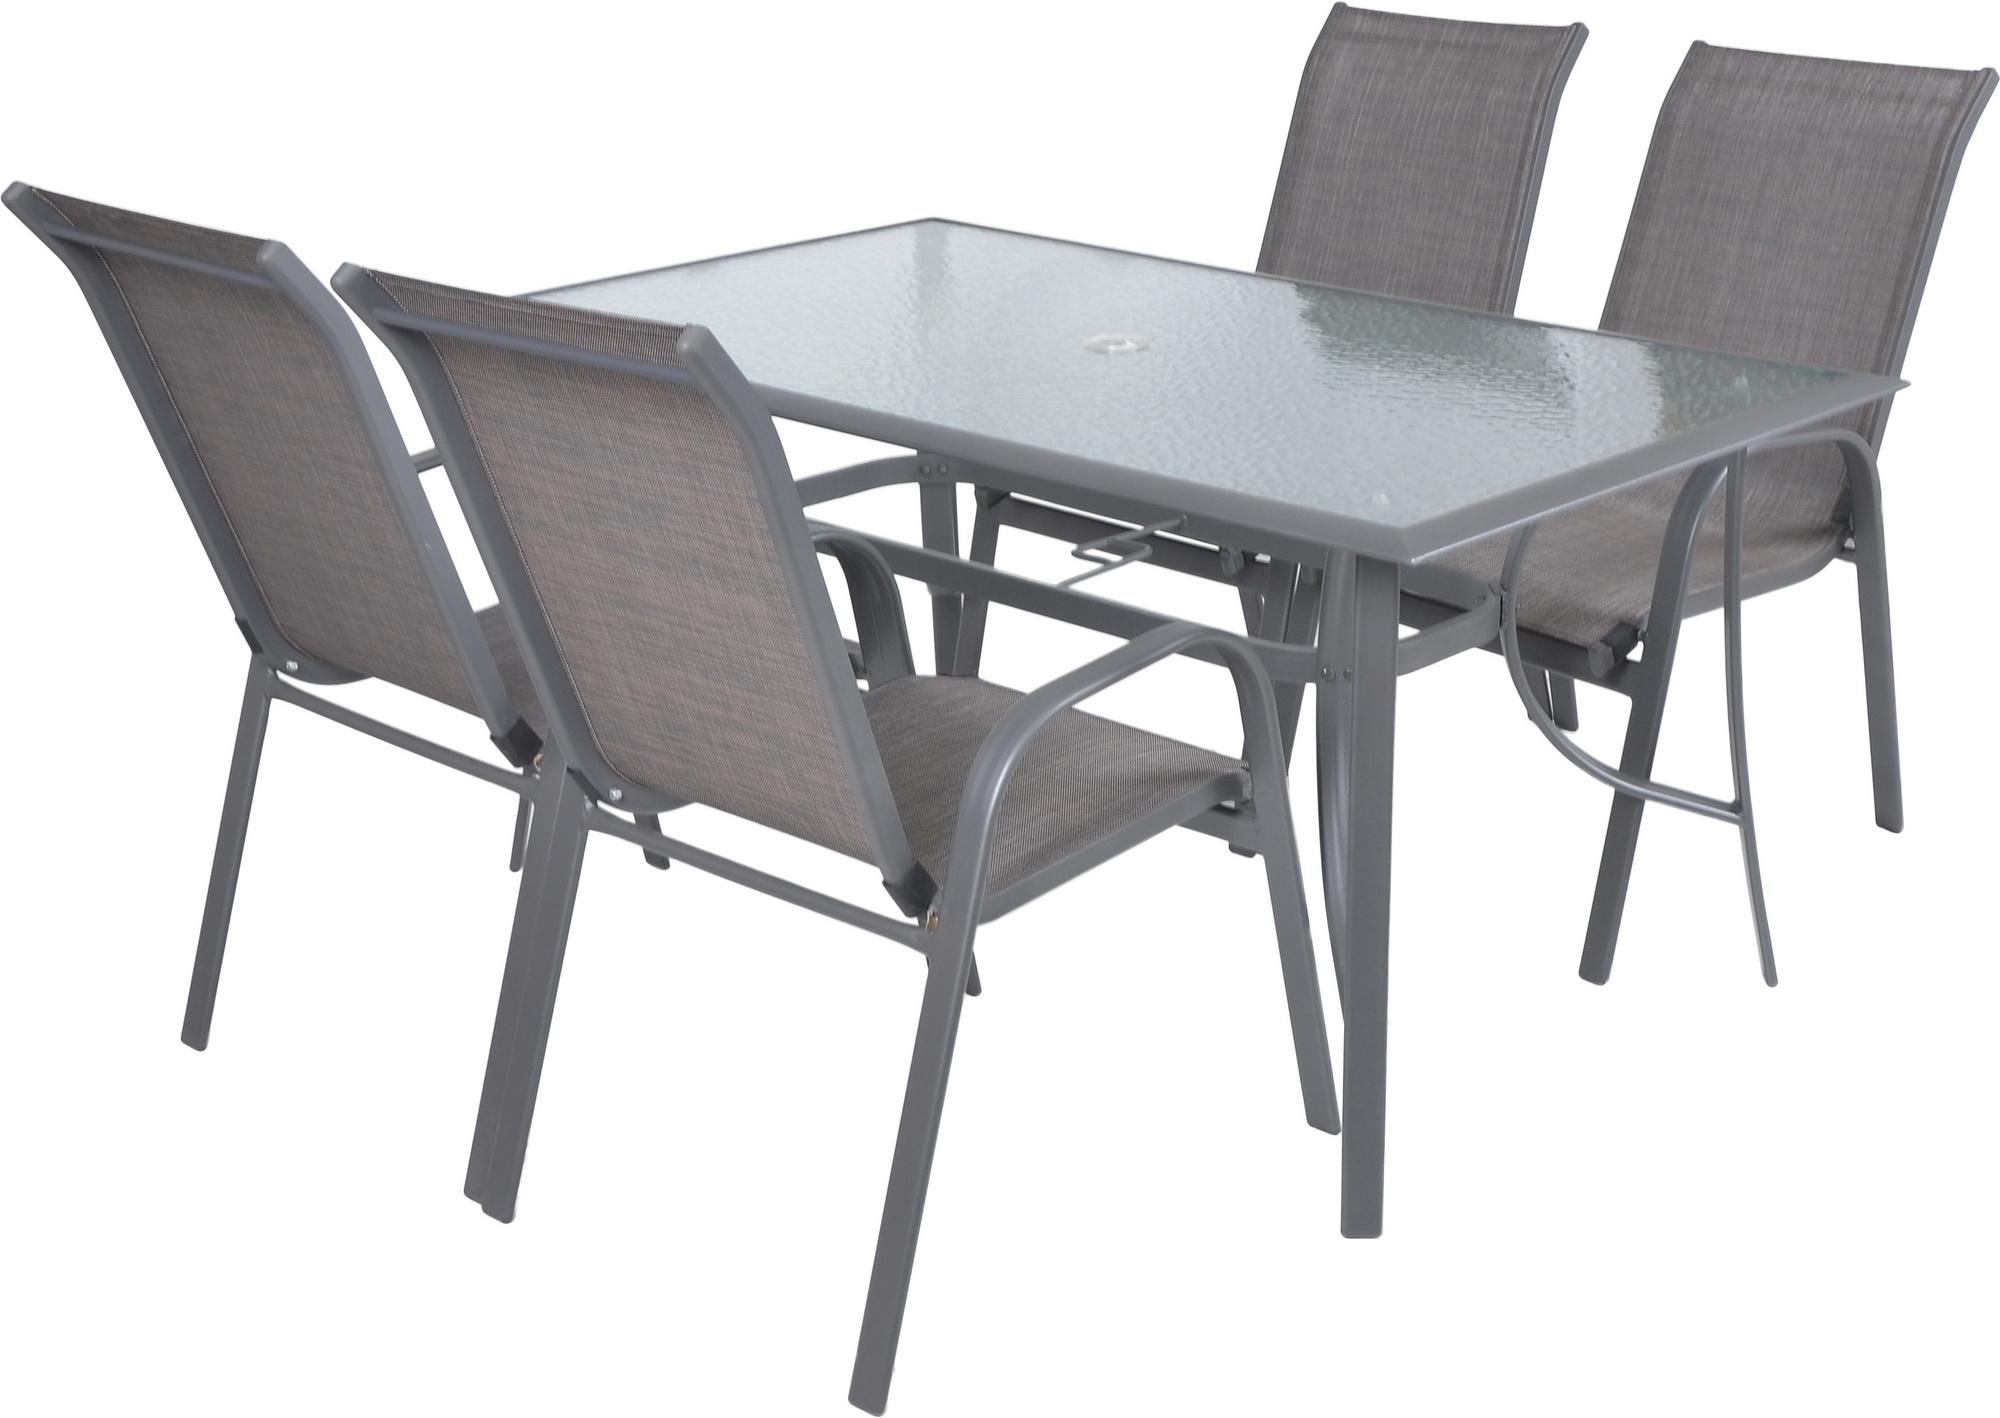 Zahradní nábytek - Hecht - Sofia set 4 (hliník)